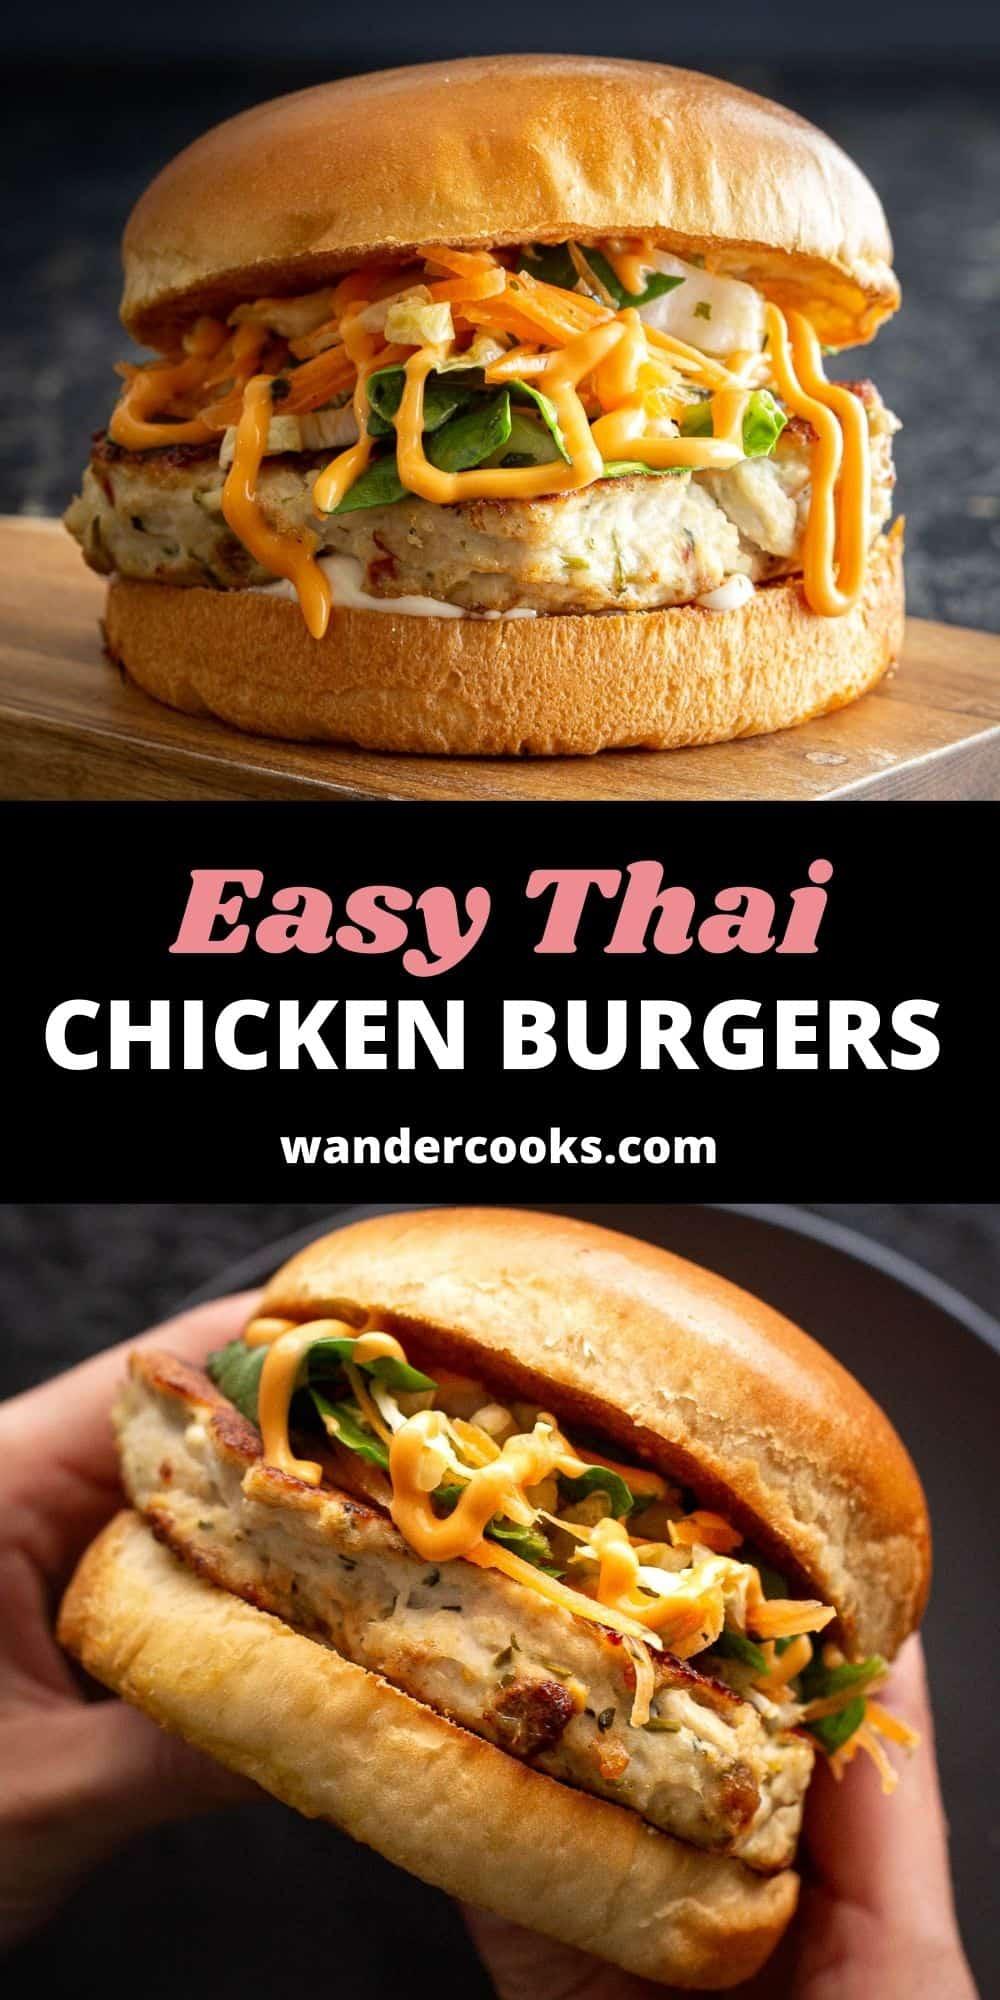 Easy Thai Chicken Burgers